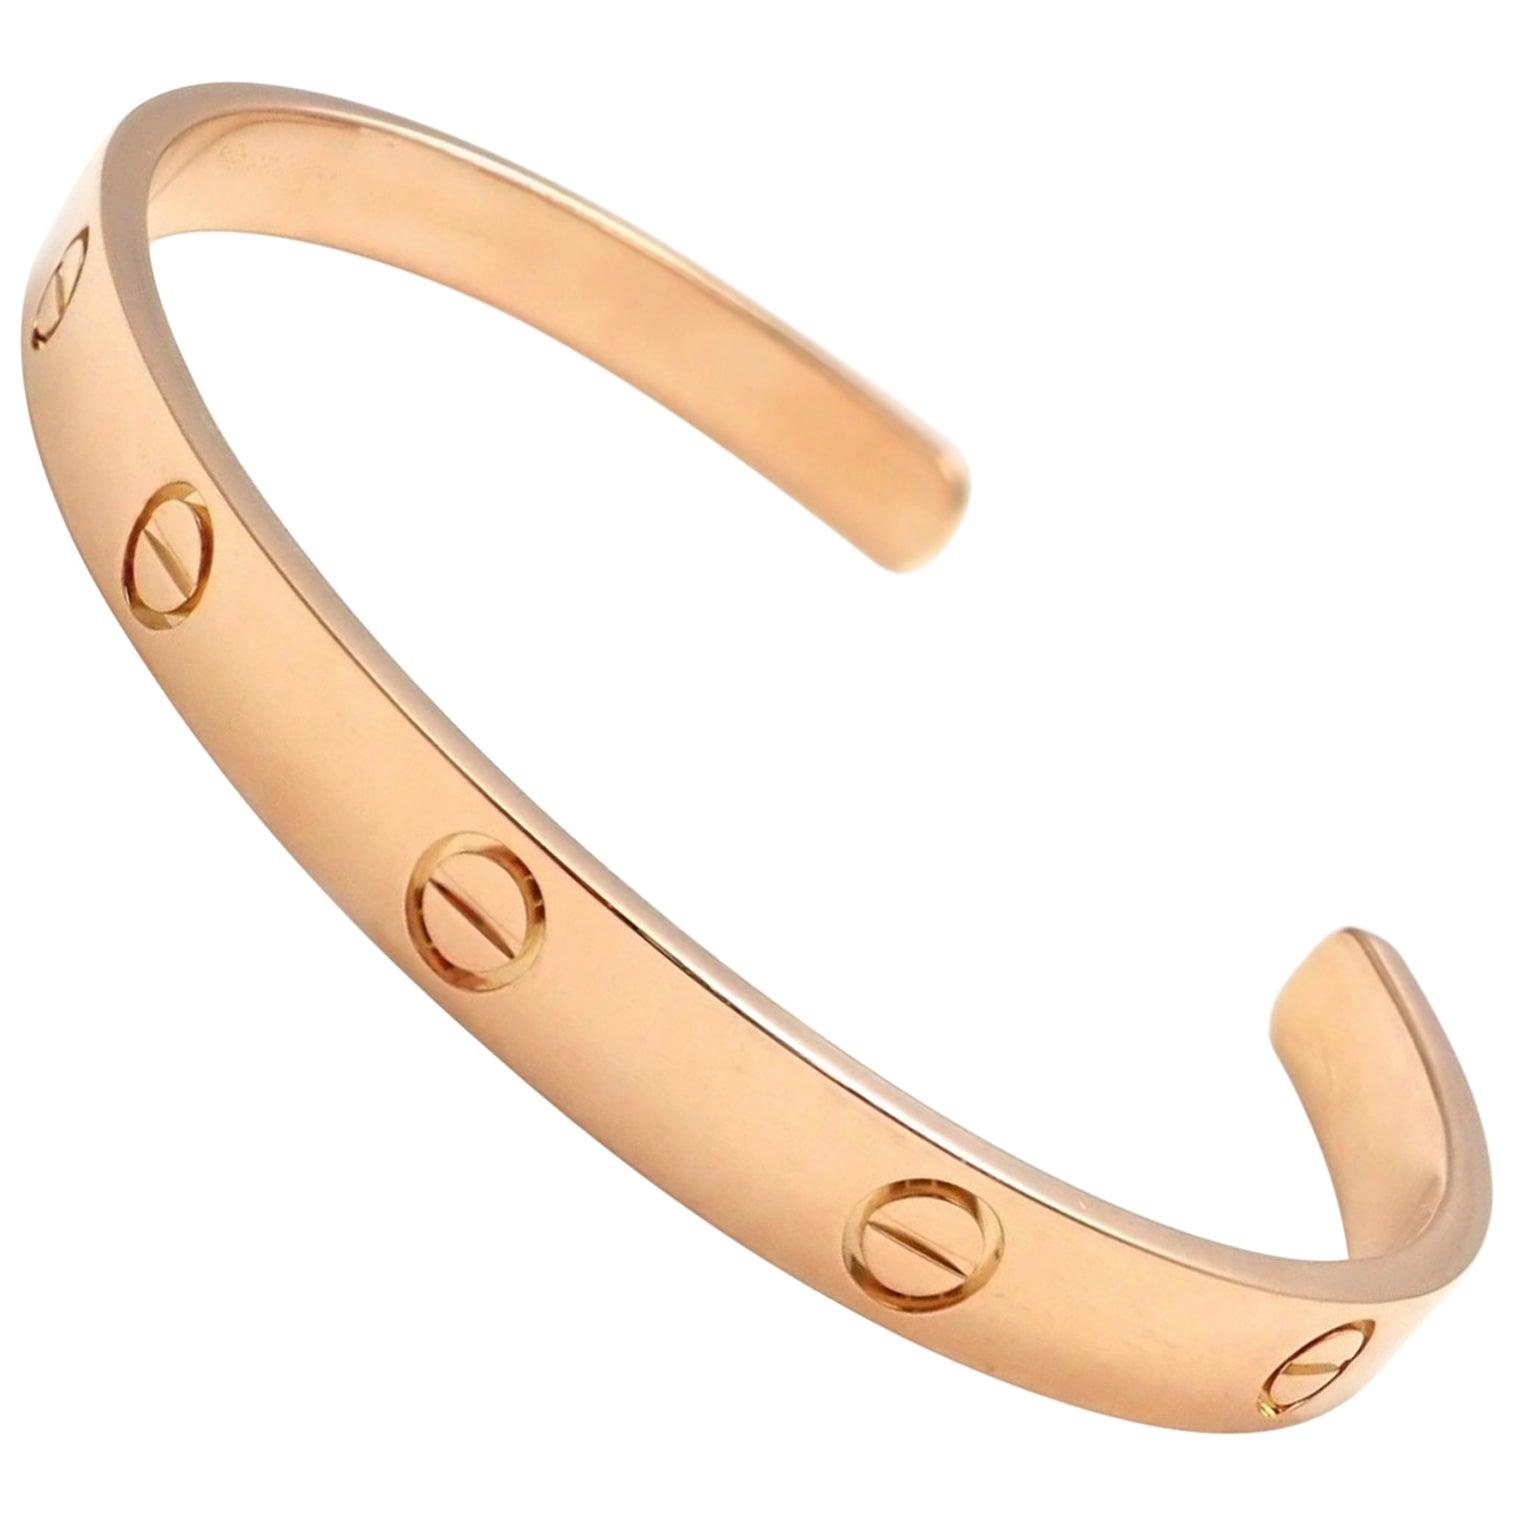 43623cd9d822 Cartier Love Rose Gold Open Cuff Bangle Bracelet at 1stdibs